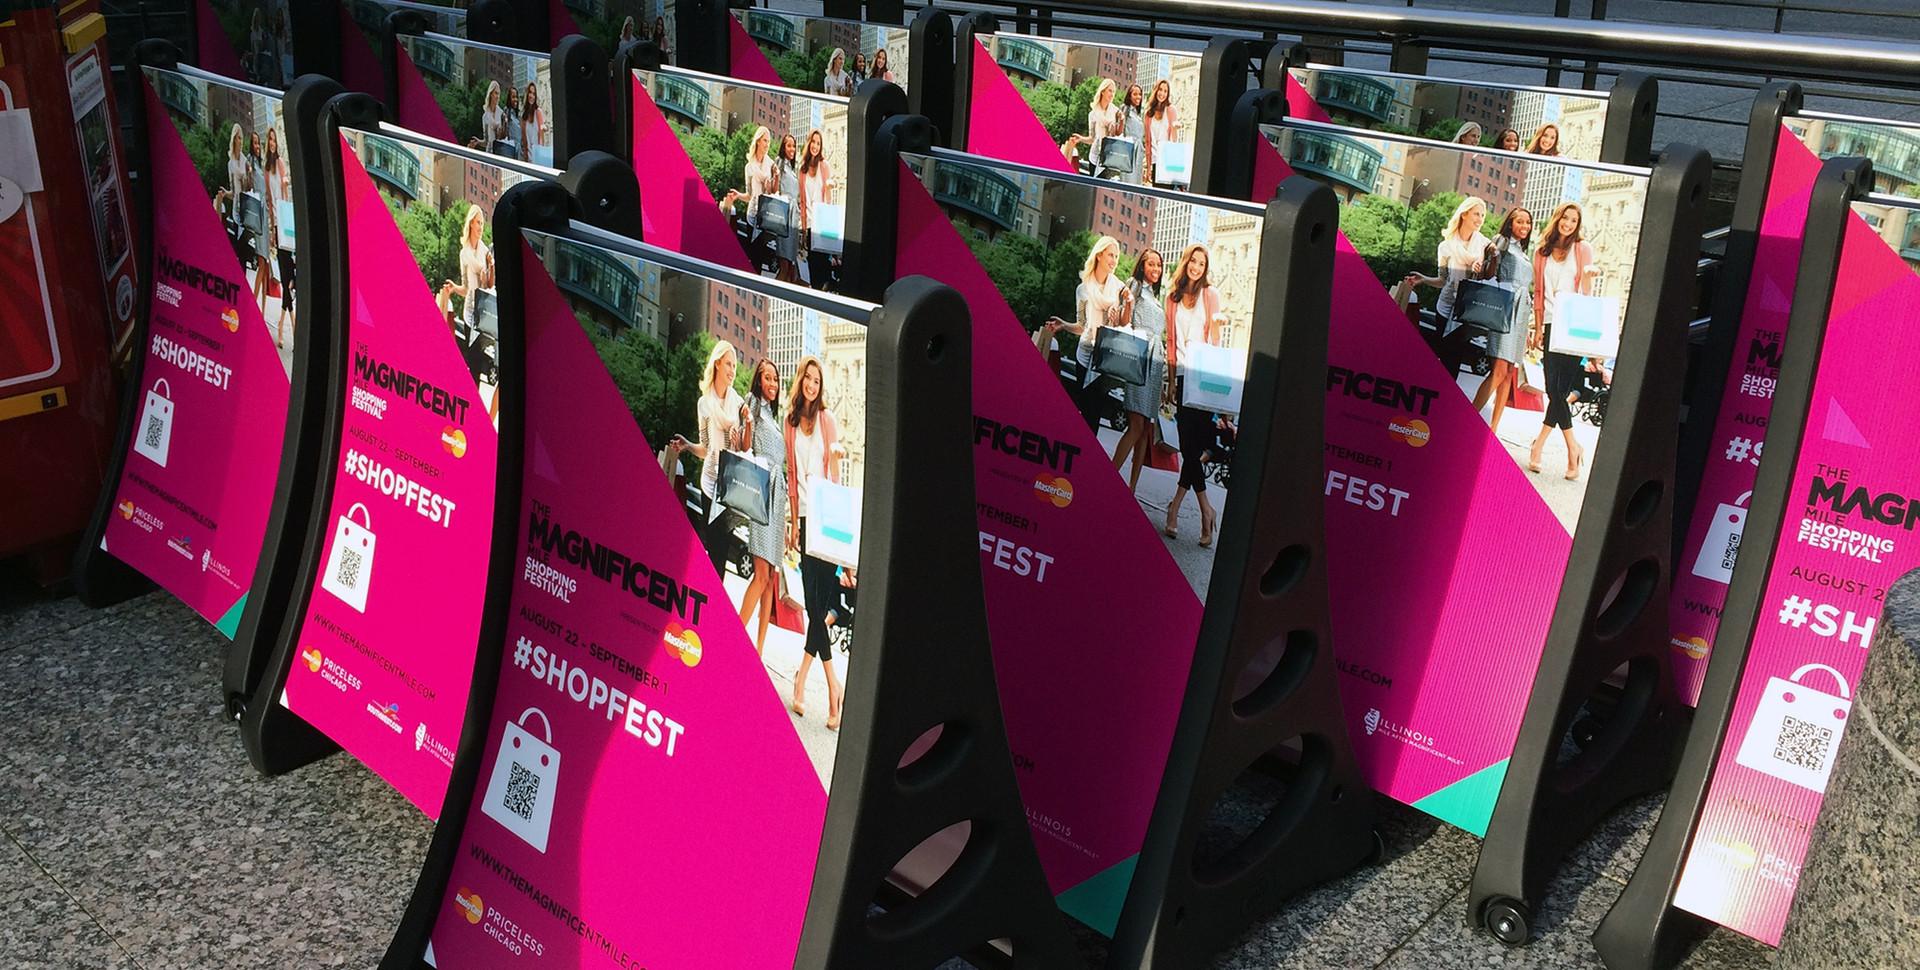 Shopfest_Easel_Boards_Ret_2.jpg